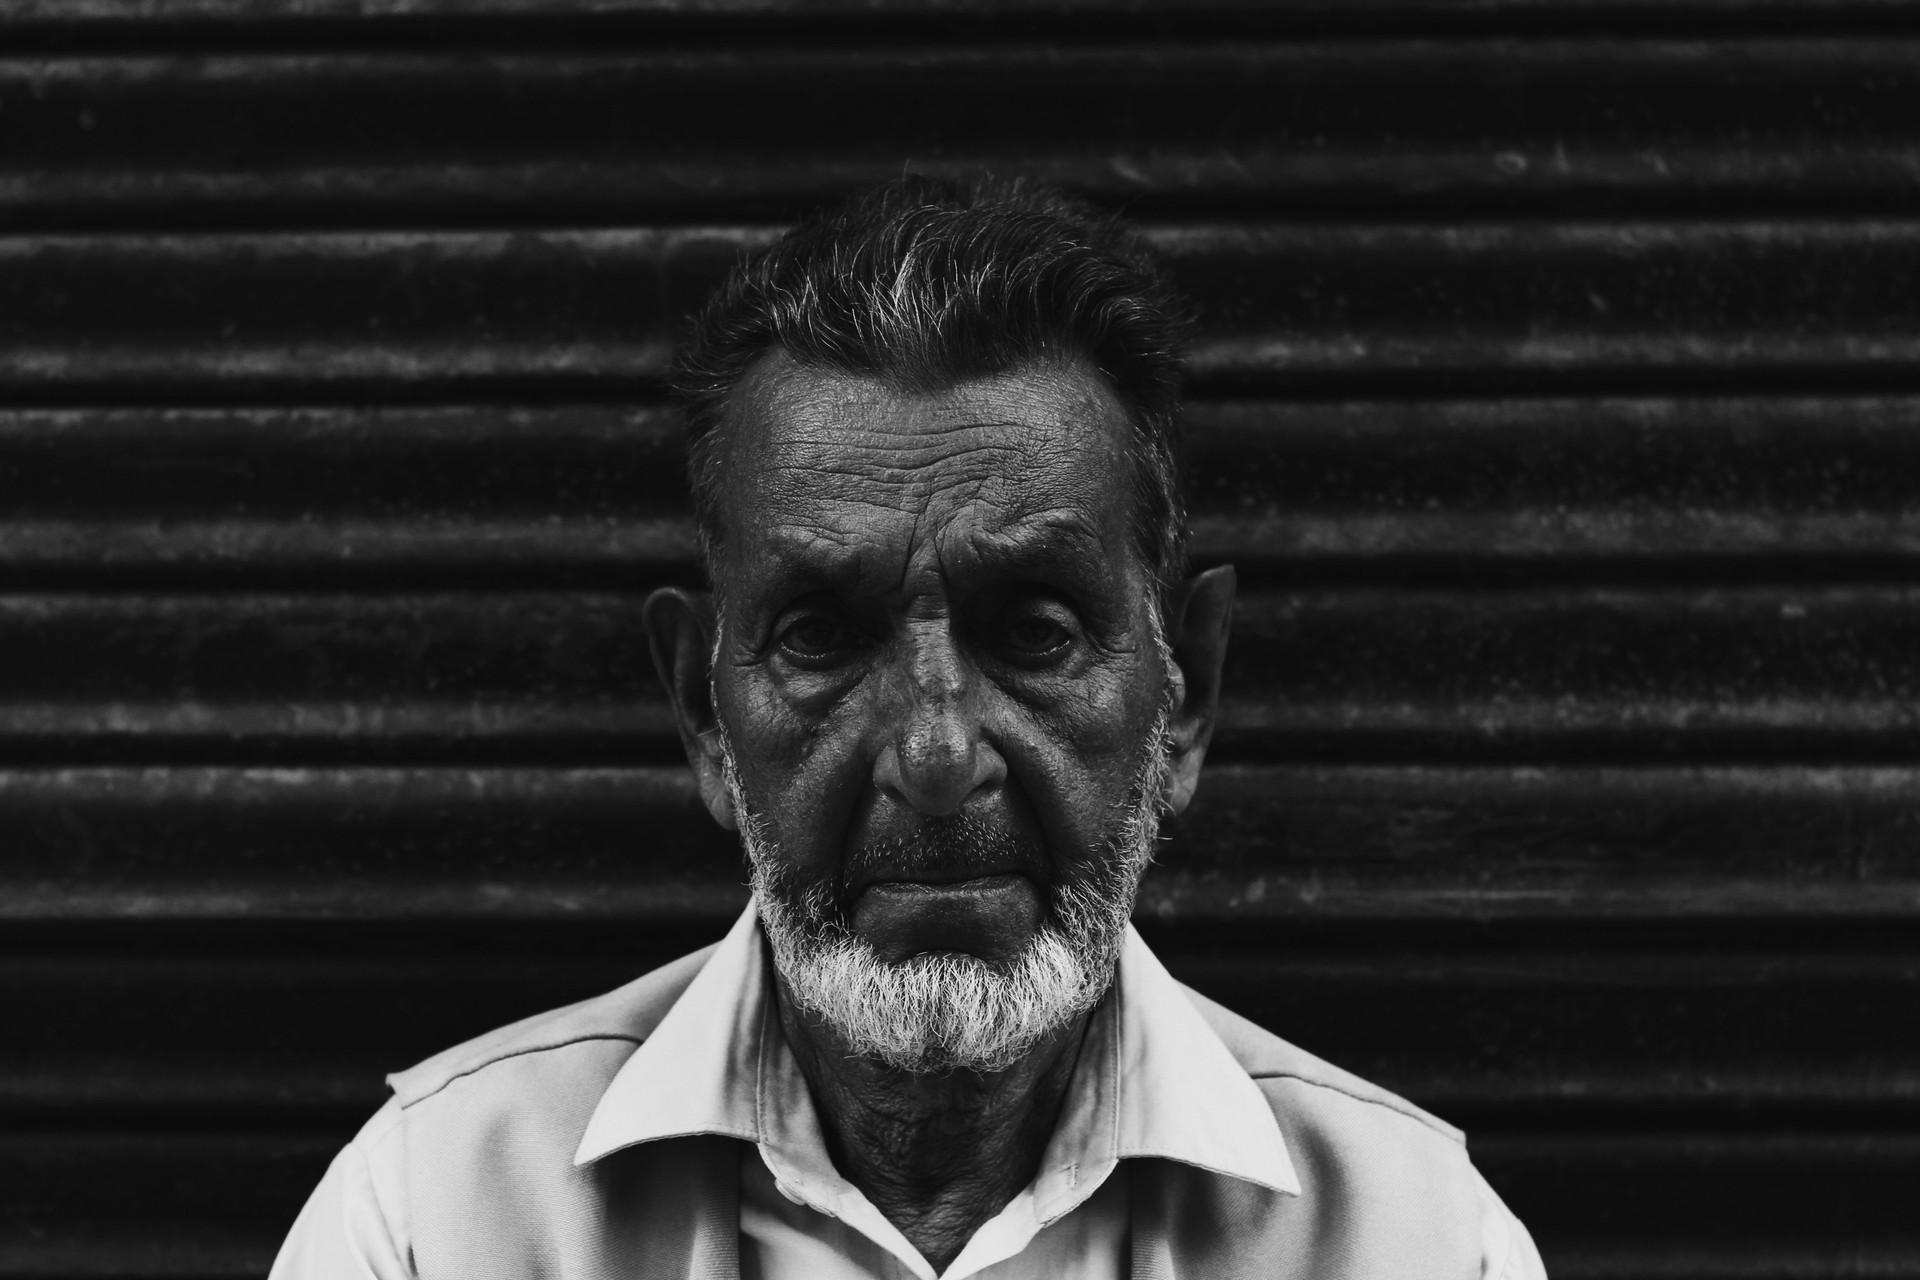 Faces of Kashmir